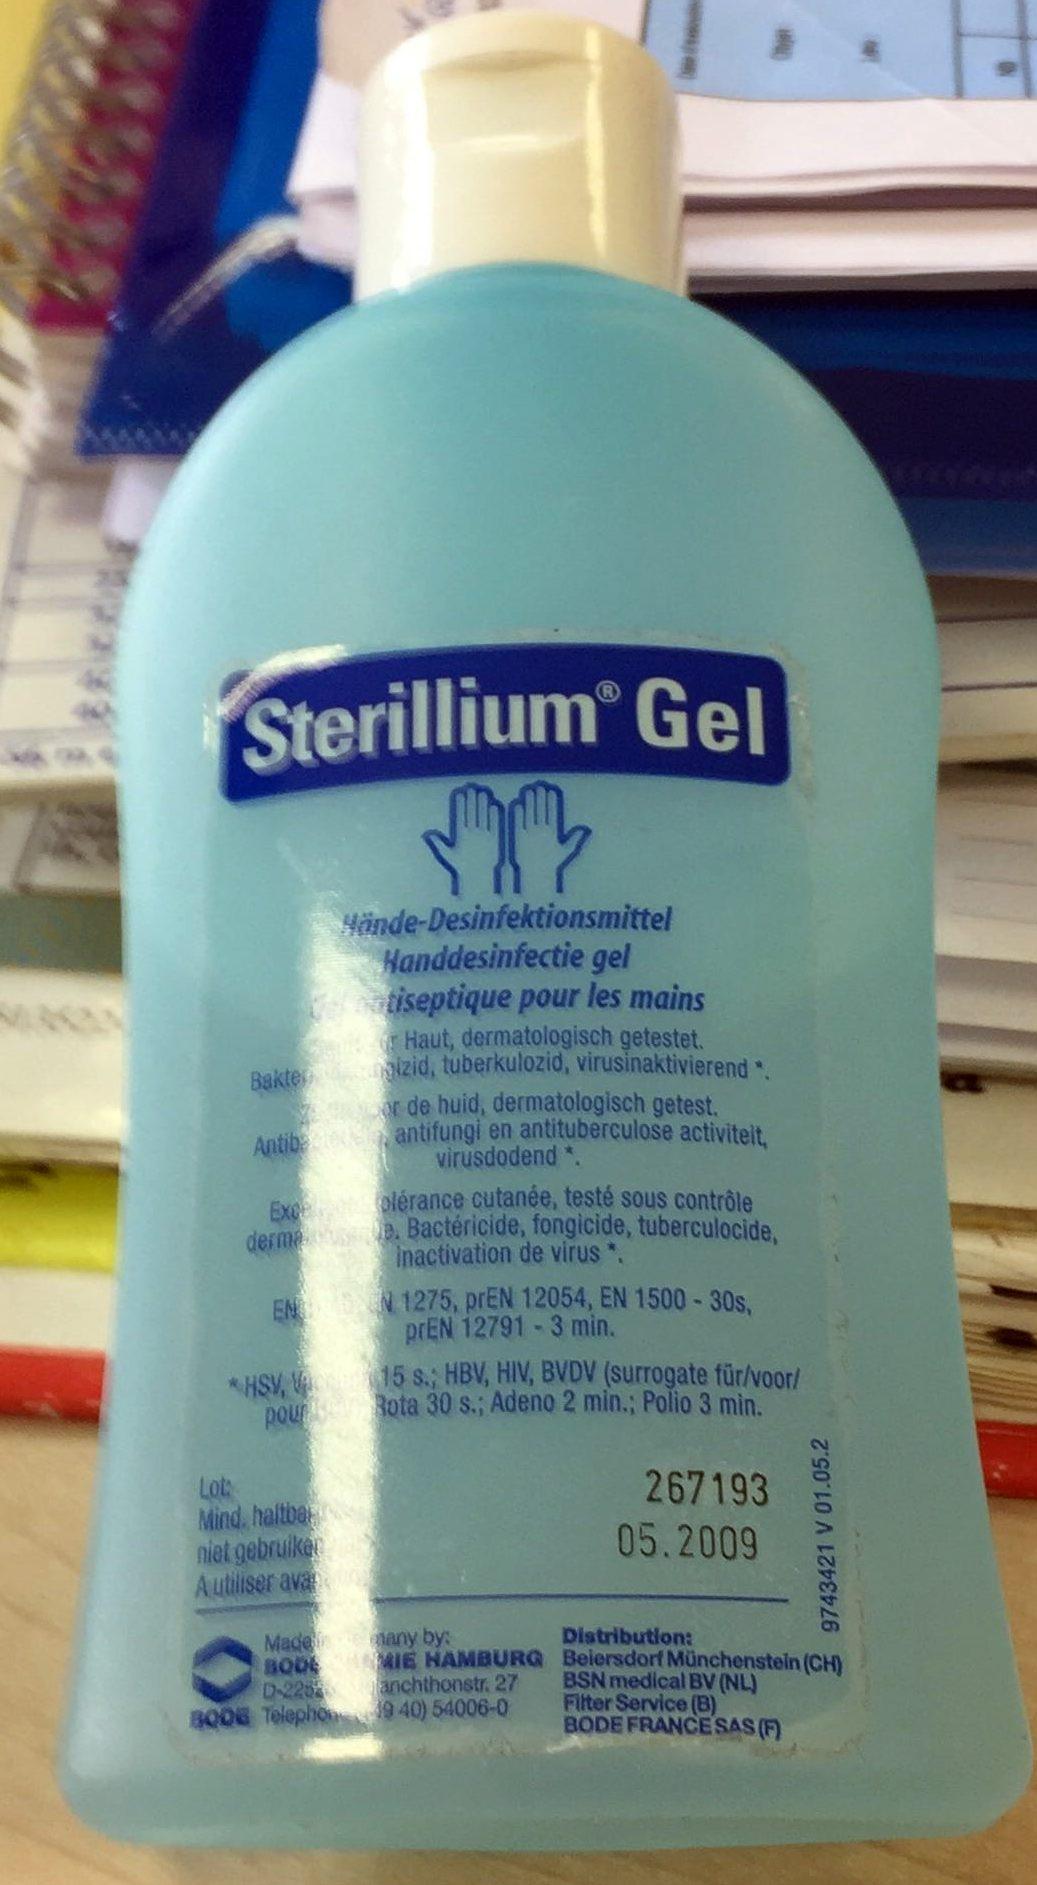 Sterillium Gel - Product - fr